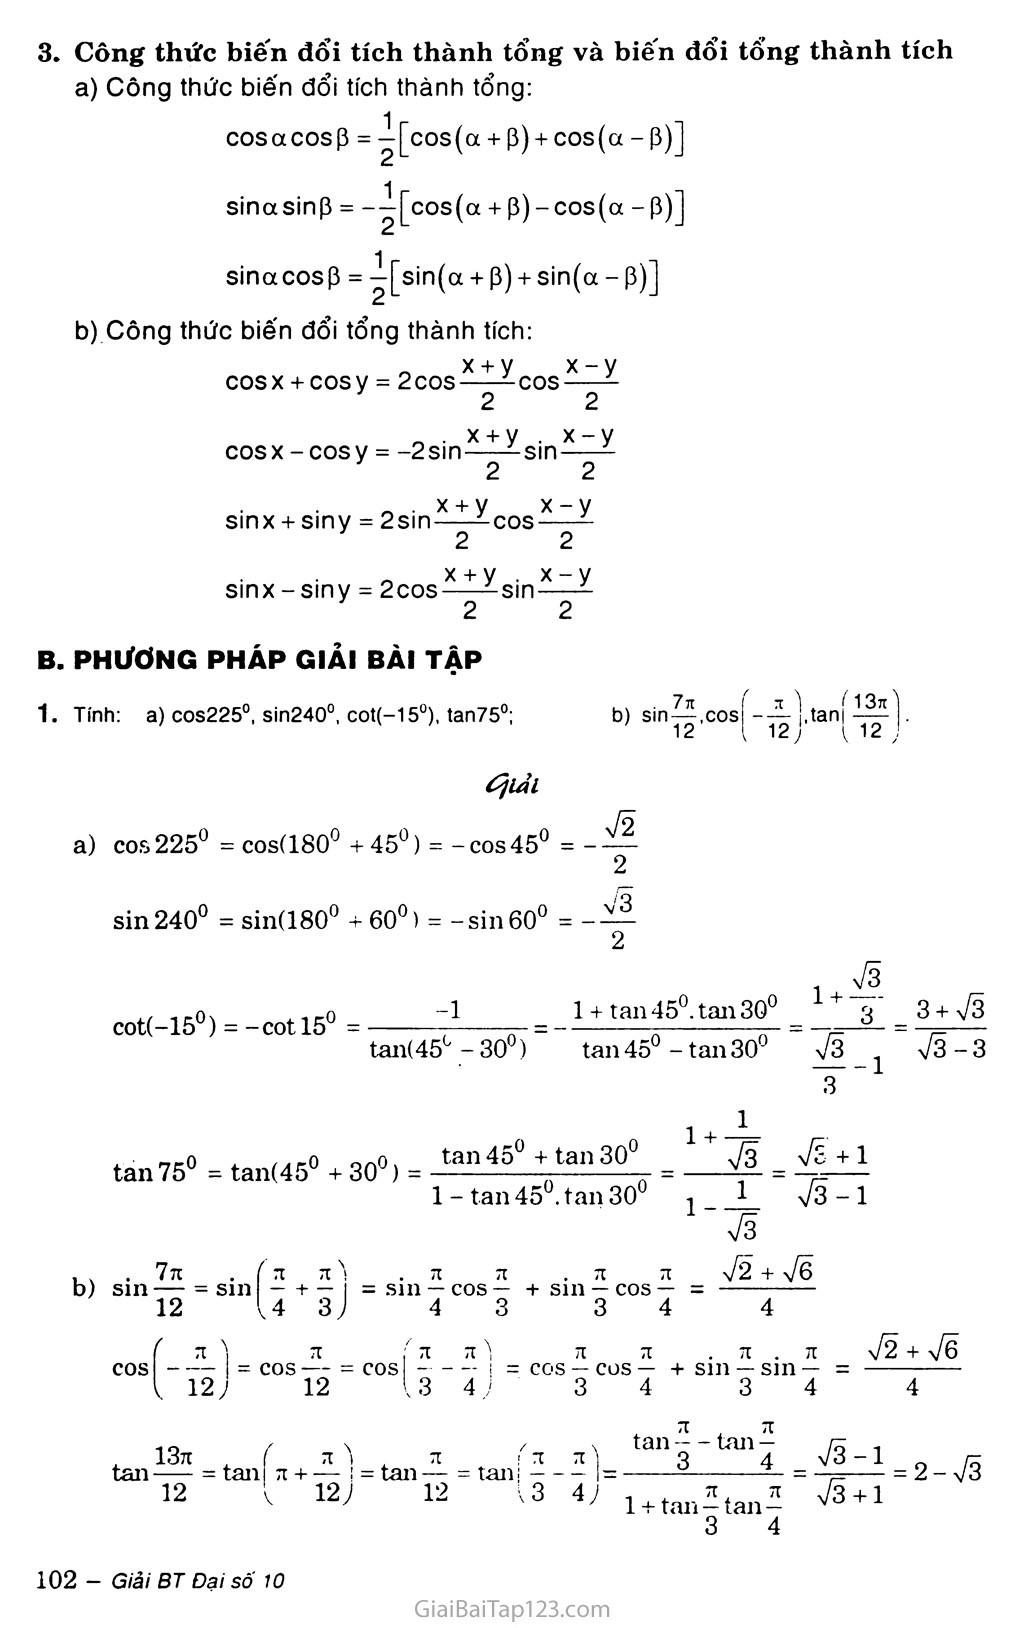 Bài 3. Công thức lượng giác trang 2